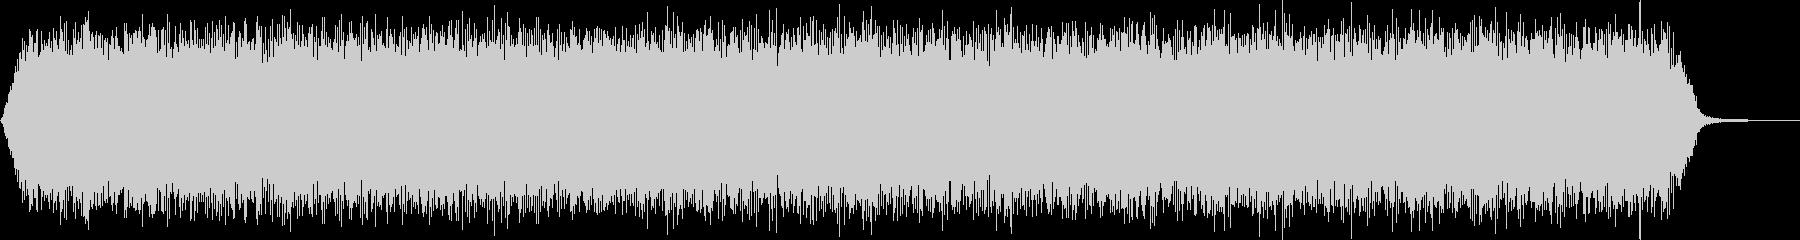 【アンビエント】ドローン_31 実験音の未再生の波形